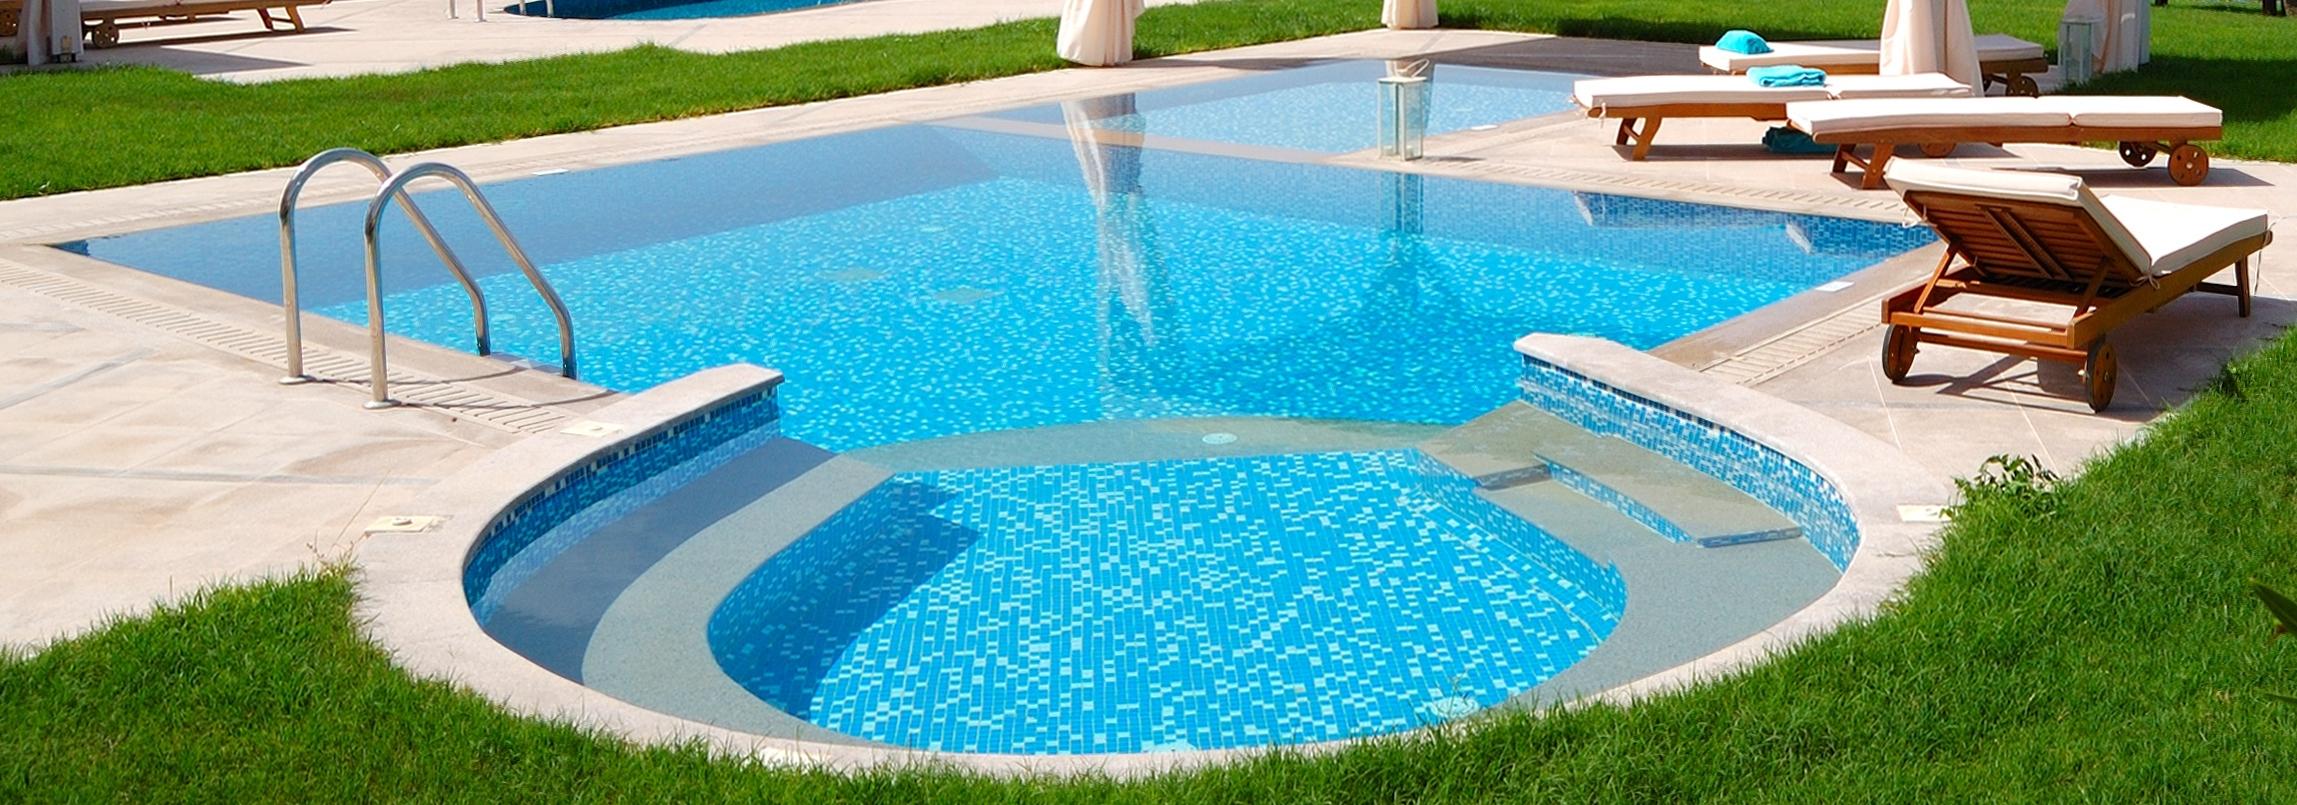 Tira vazamento de piscinas tratamento de agua vedatech for Construccion de piscinas en concreto